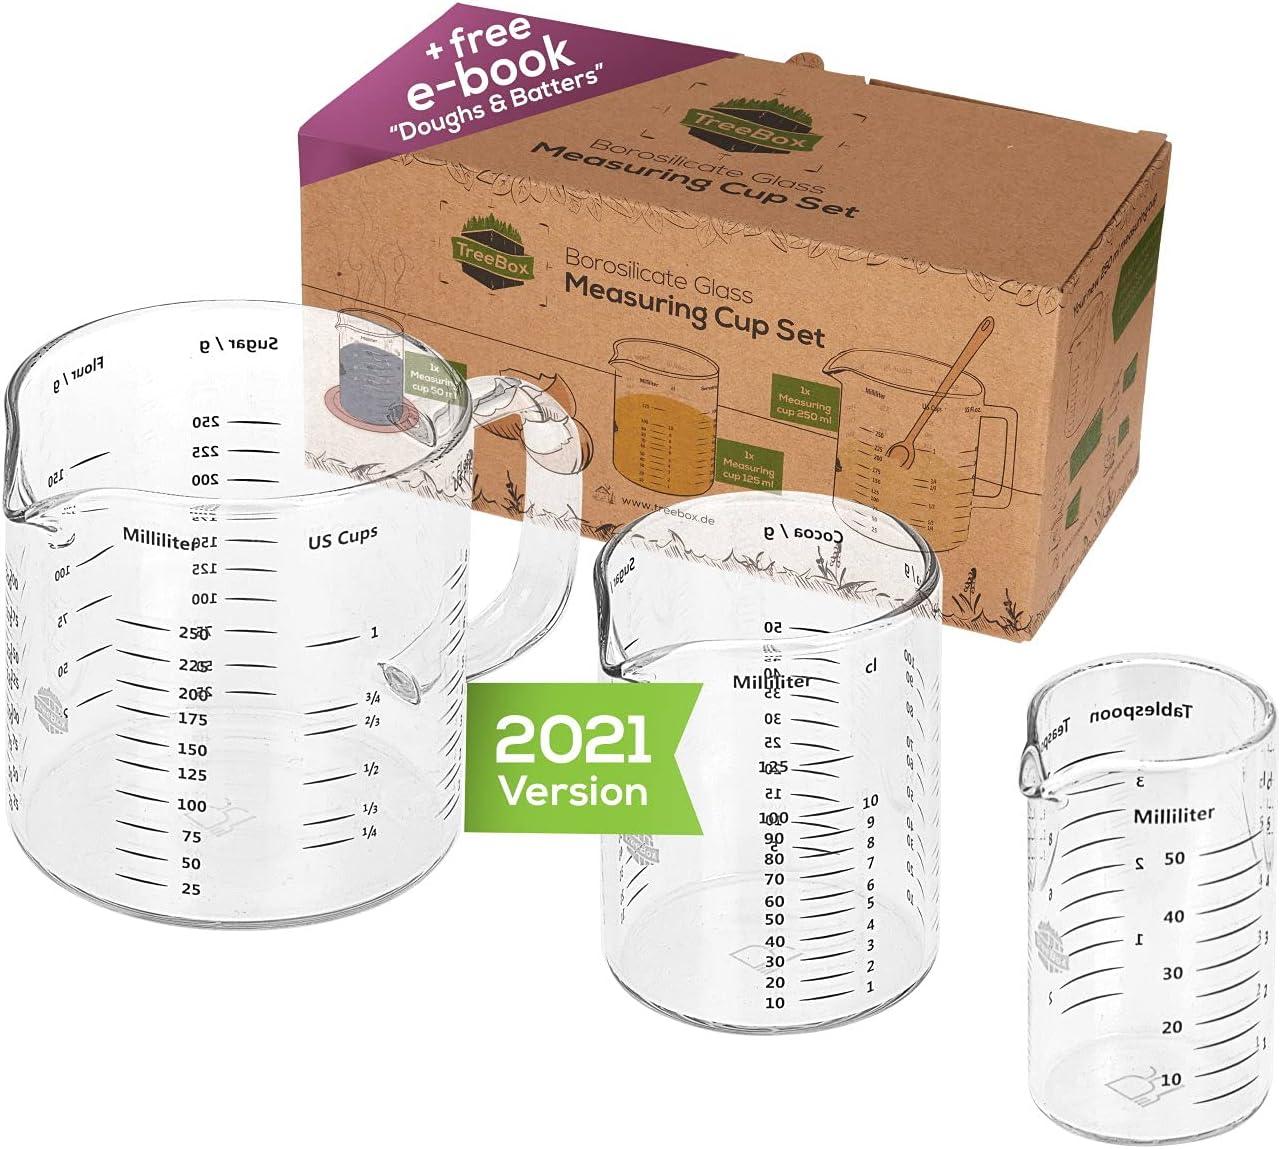 TreeBox Taza medidora de vidrio con pico - 3 piezas - Resistente al calor y apto para microondas – Diferentes unidades de medida - Perfecto para hornear, cocinar y mezclar